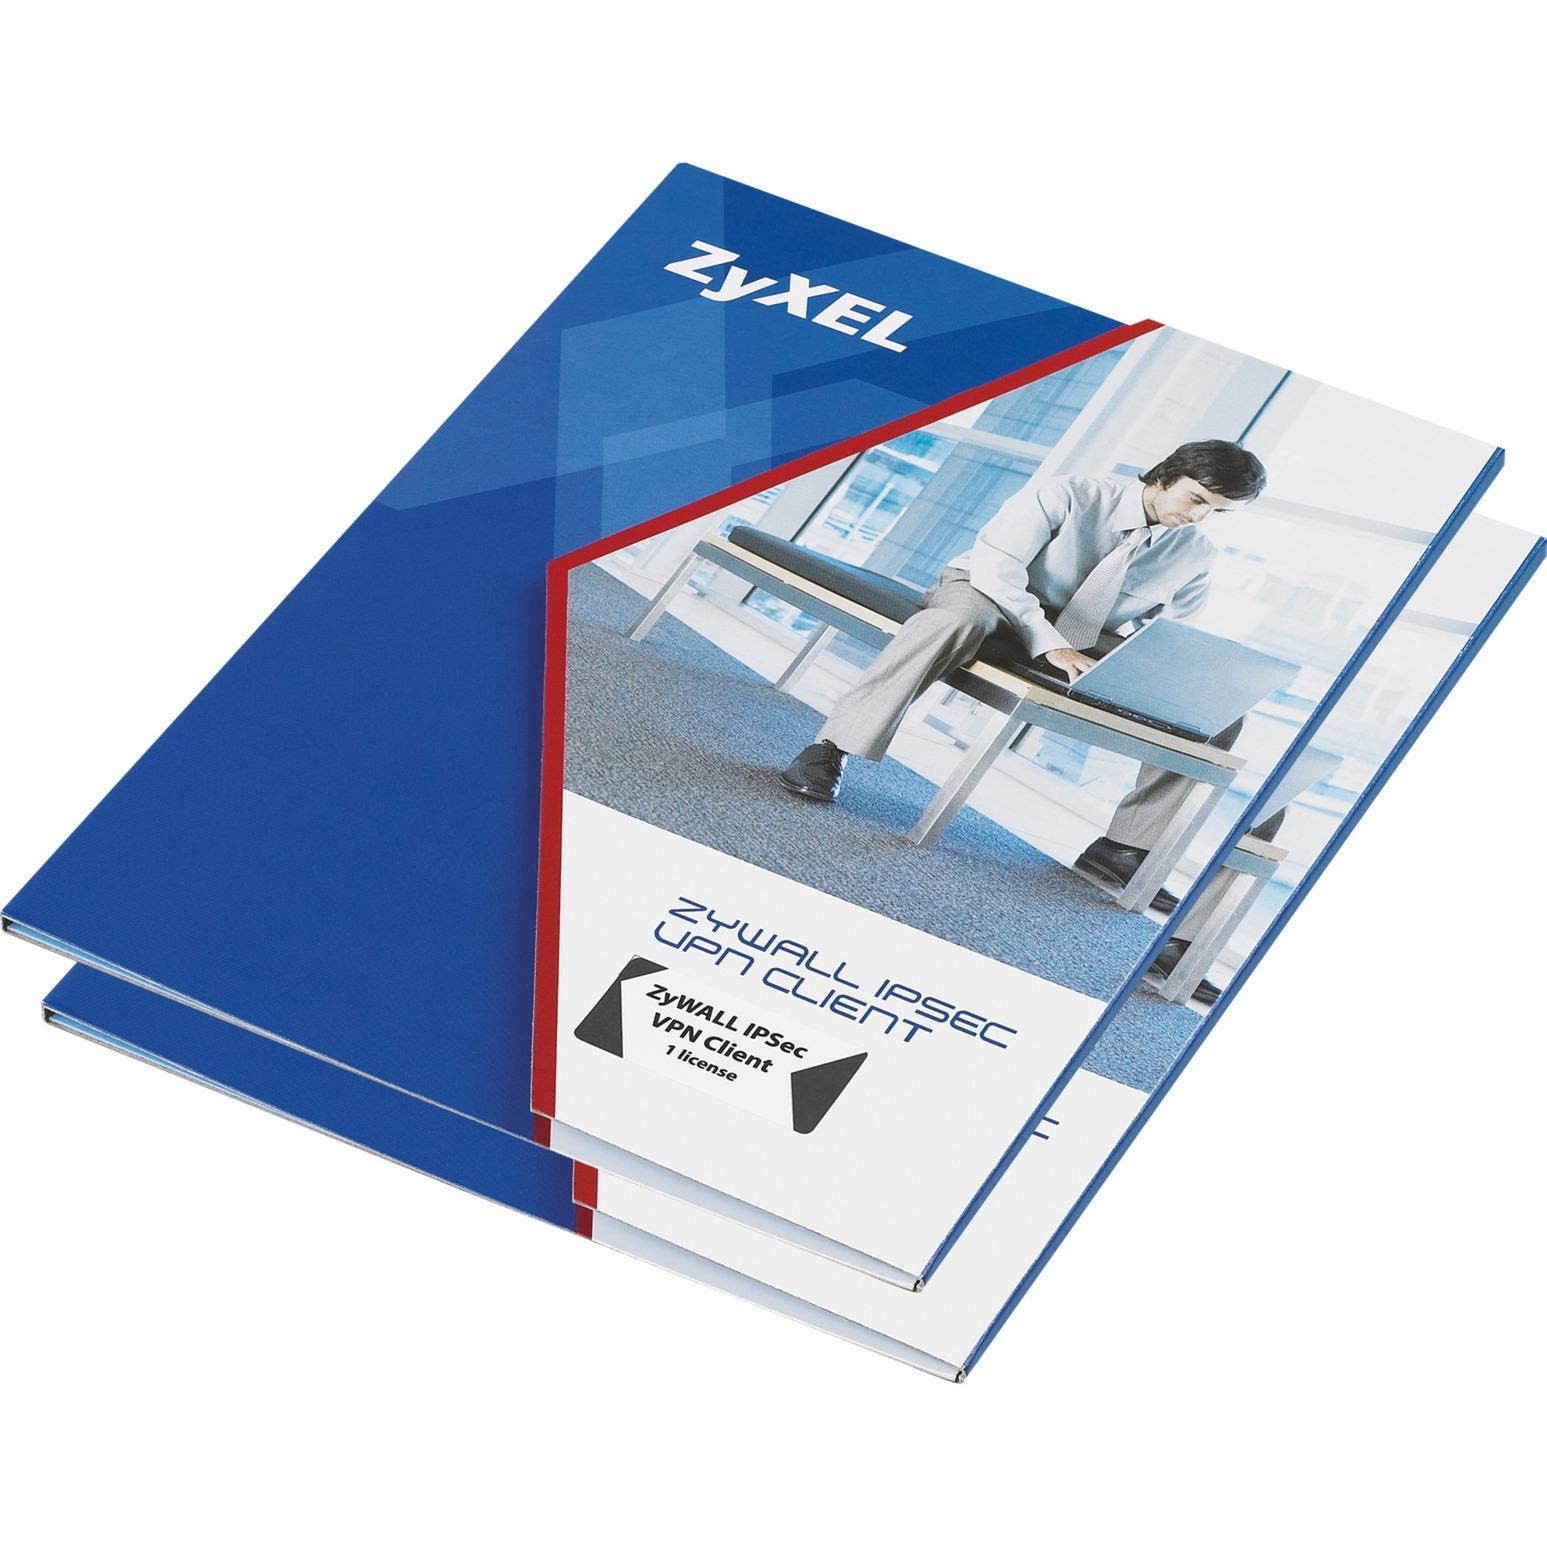 lic-eap-zz0020f-opgradering-af-software-licens